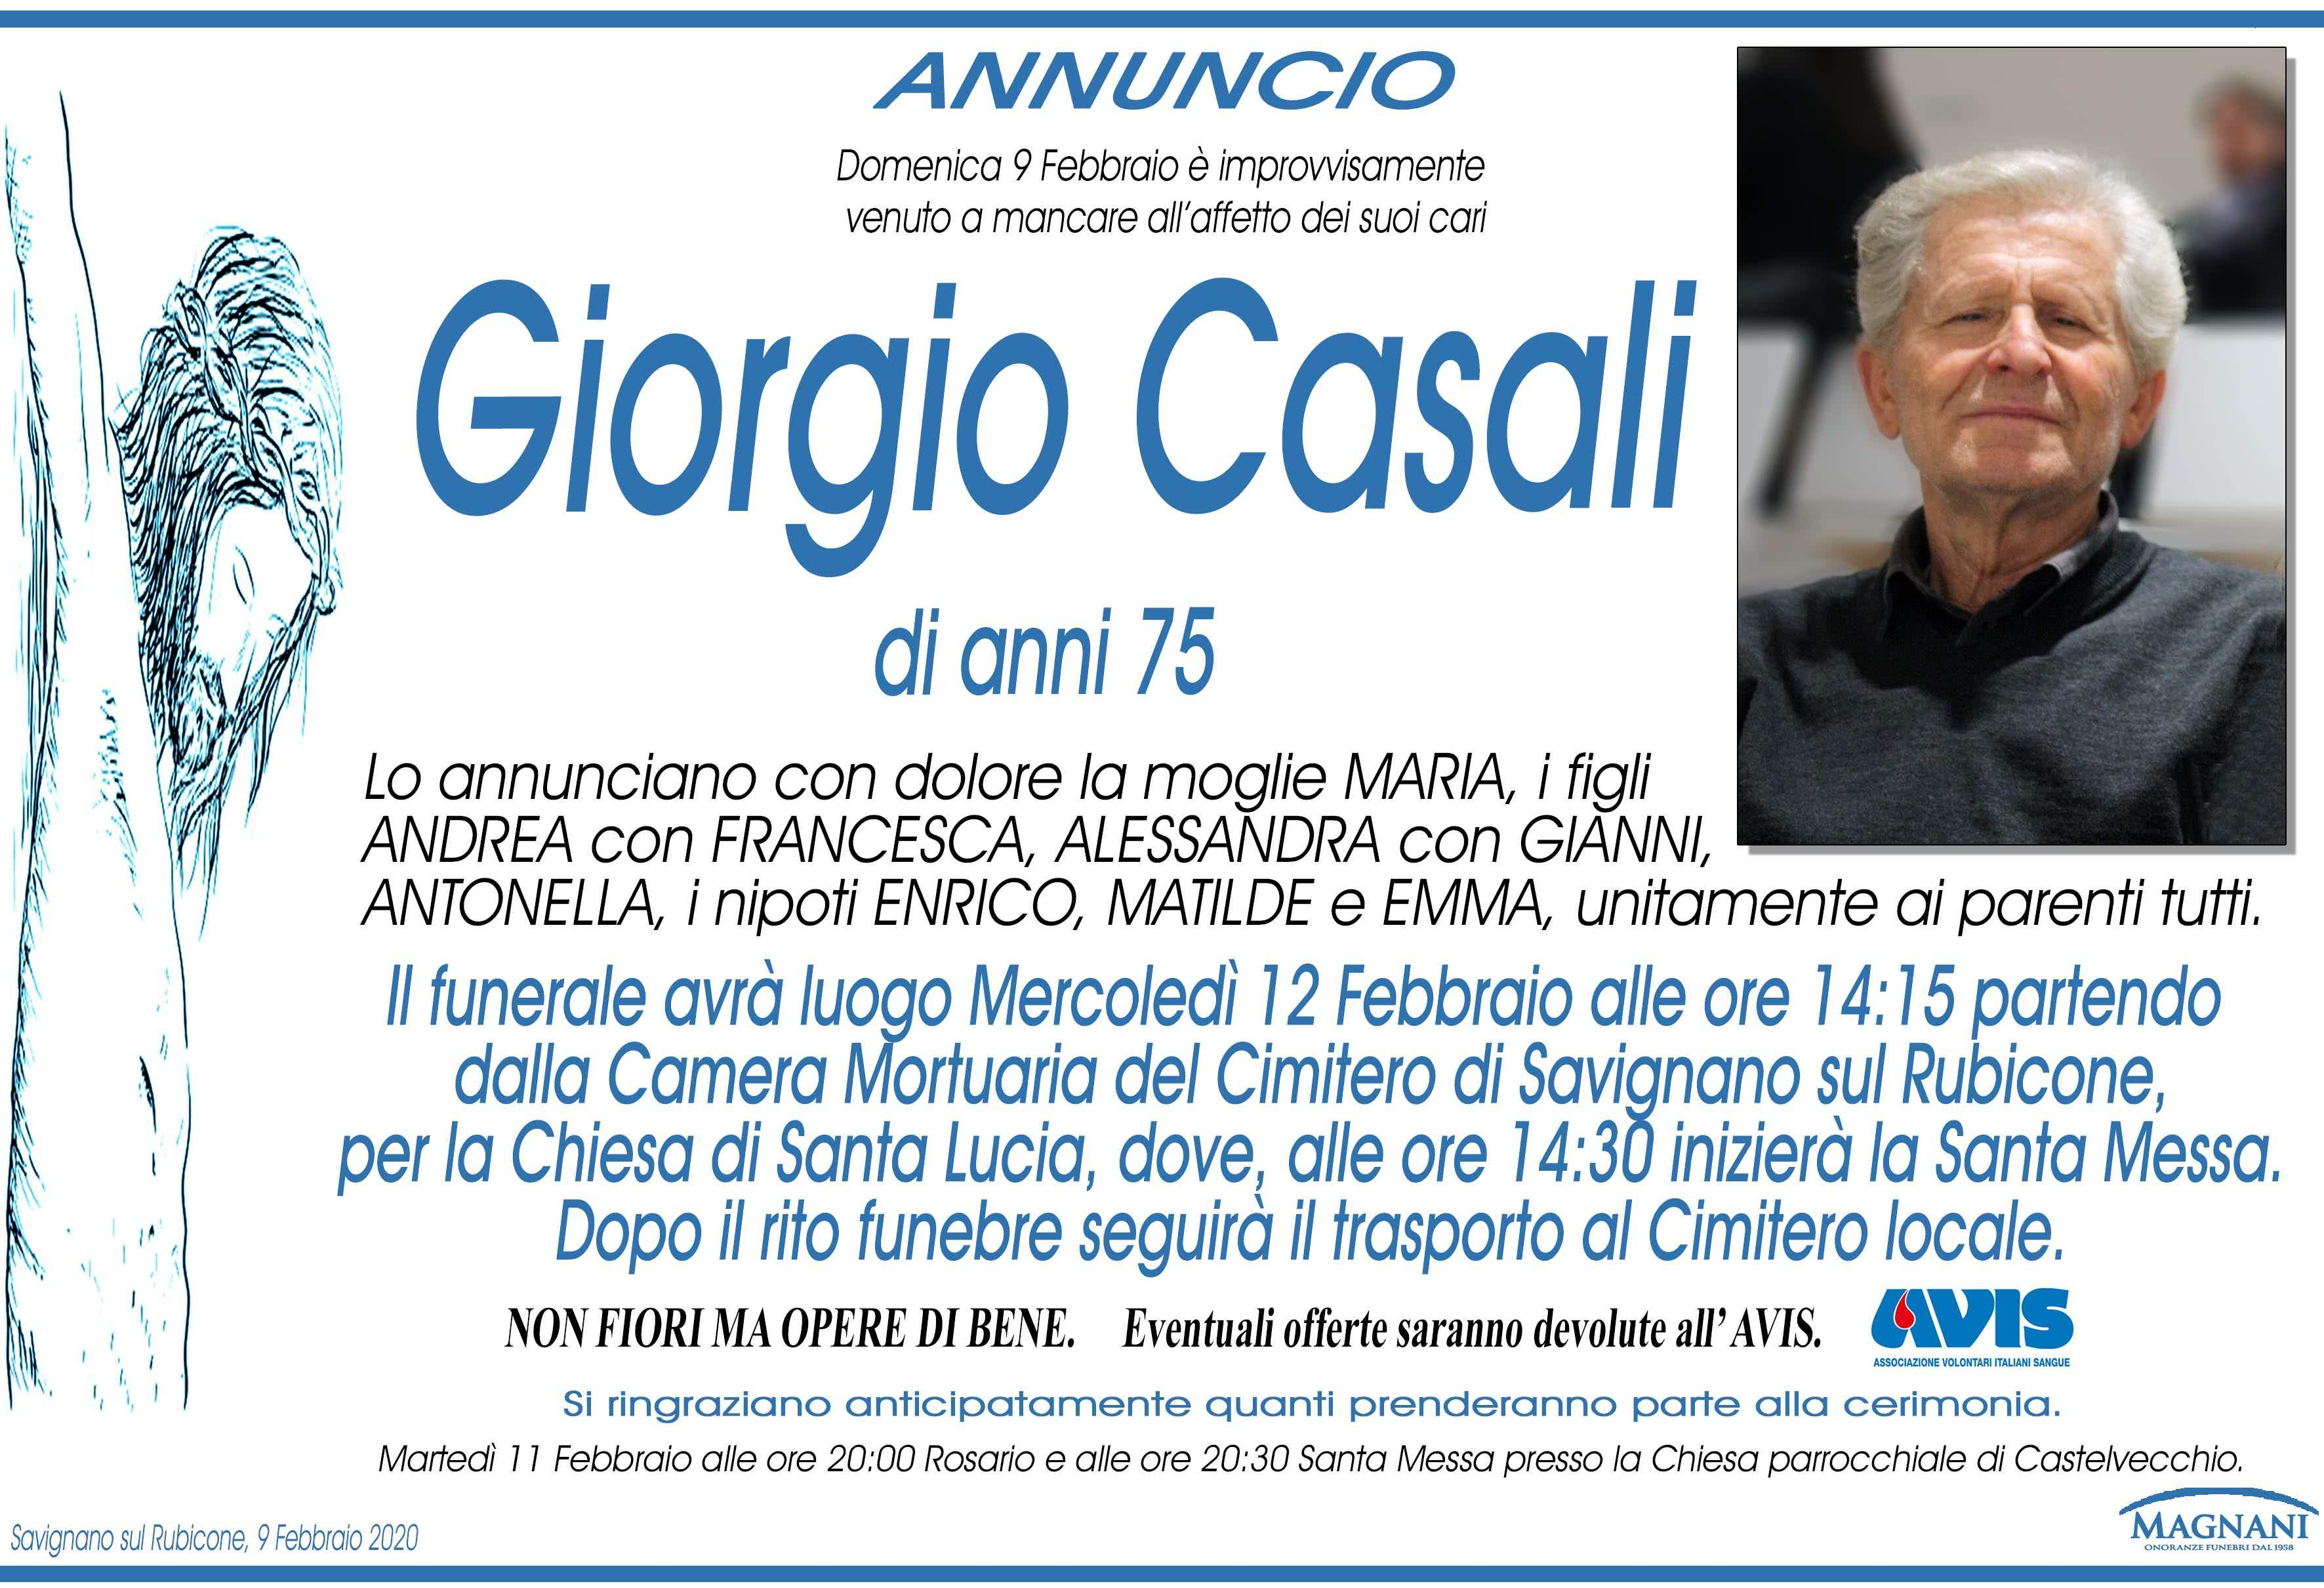 Giorgio Casali